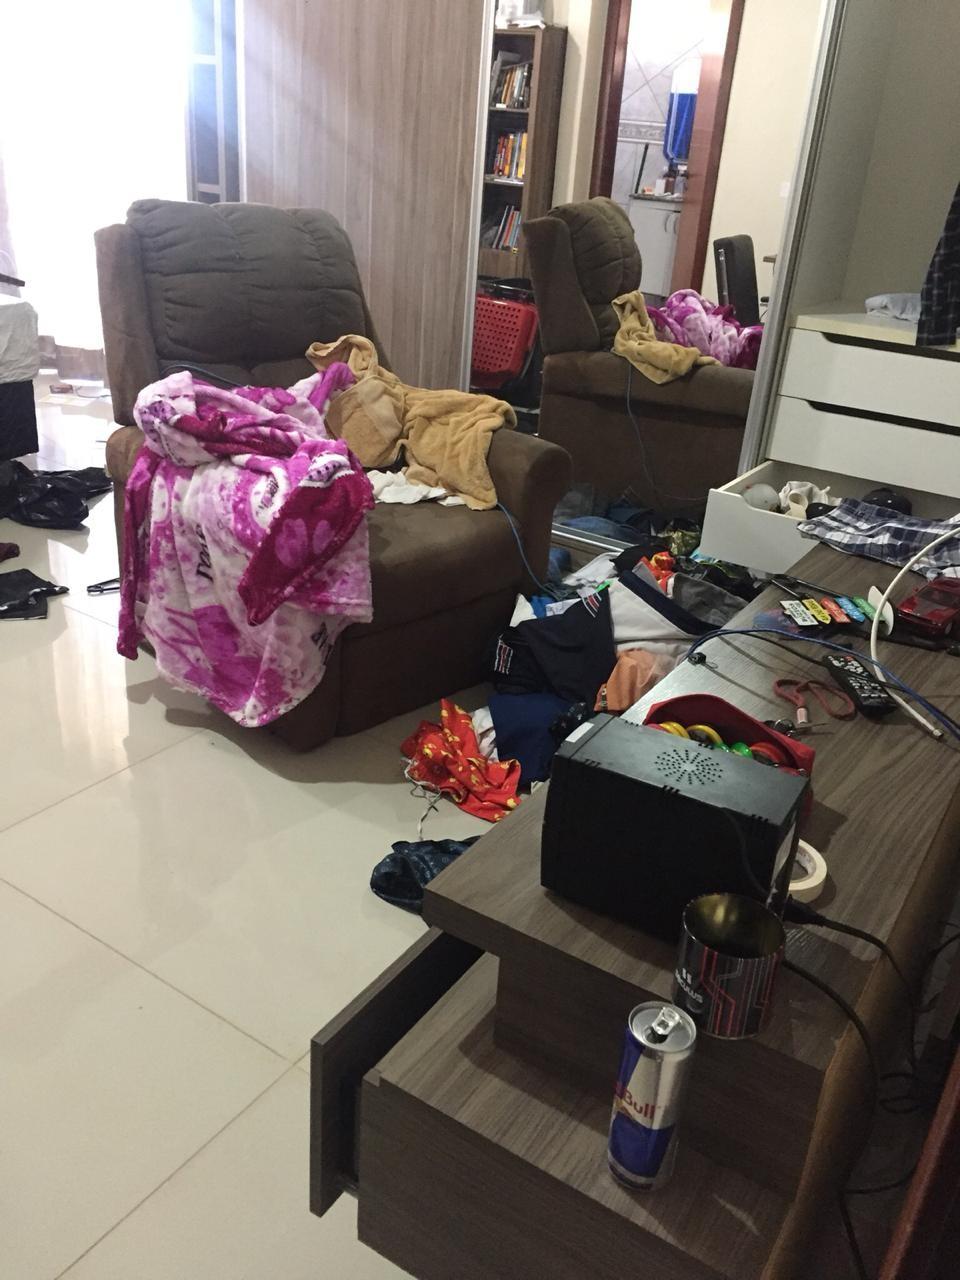 Homens armados prendem mãe e filho no banheiro durante assalto em Vicente Pires, no DF